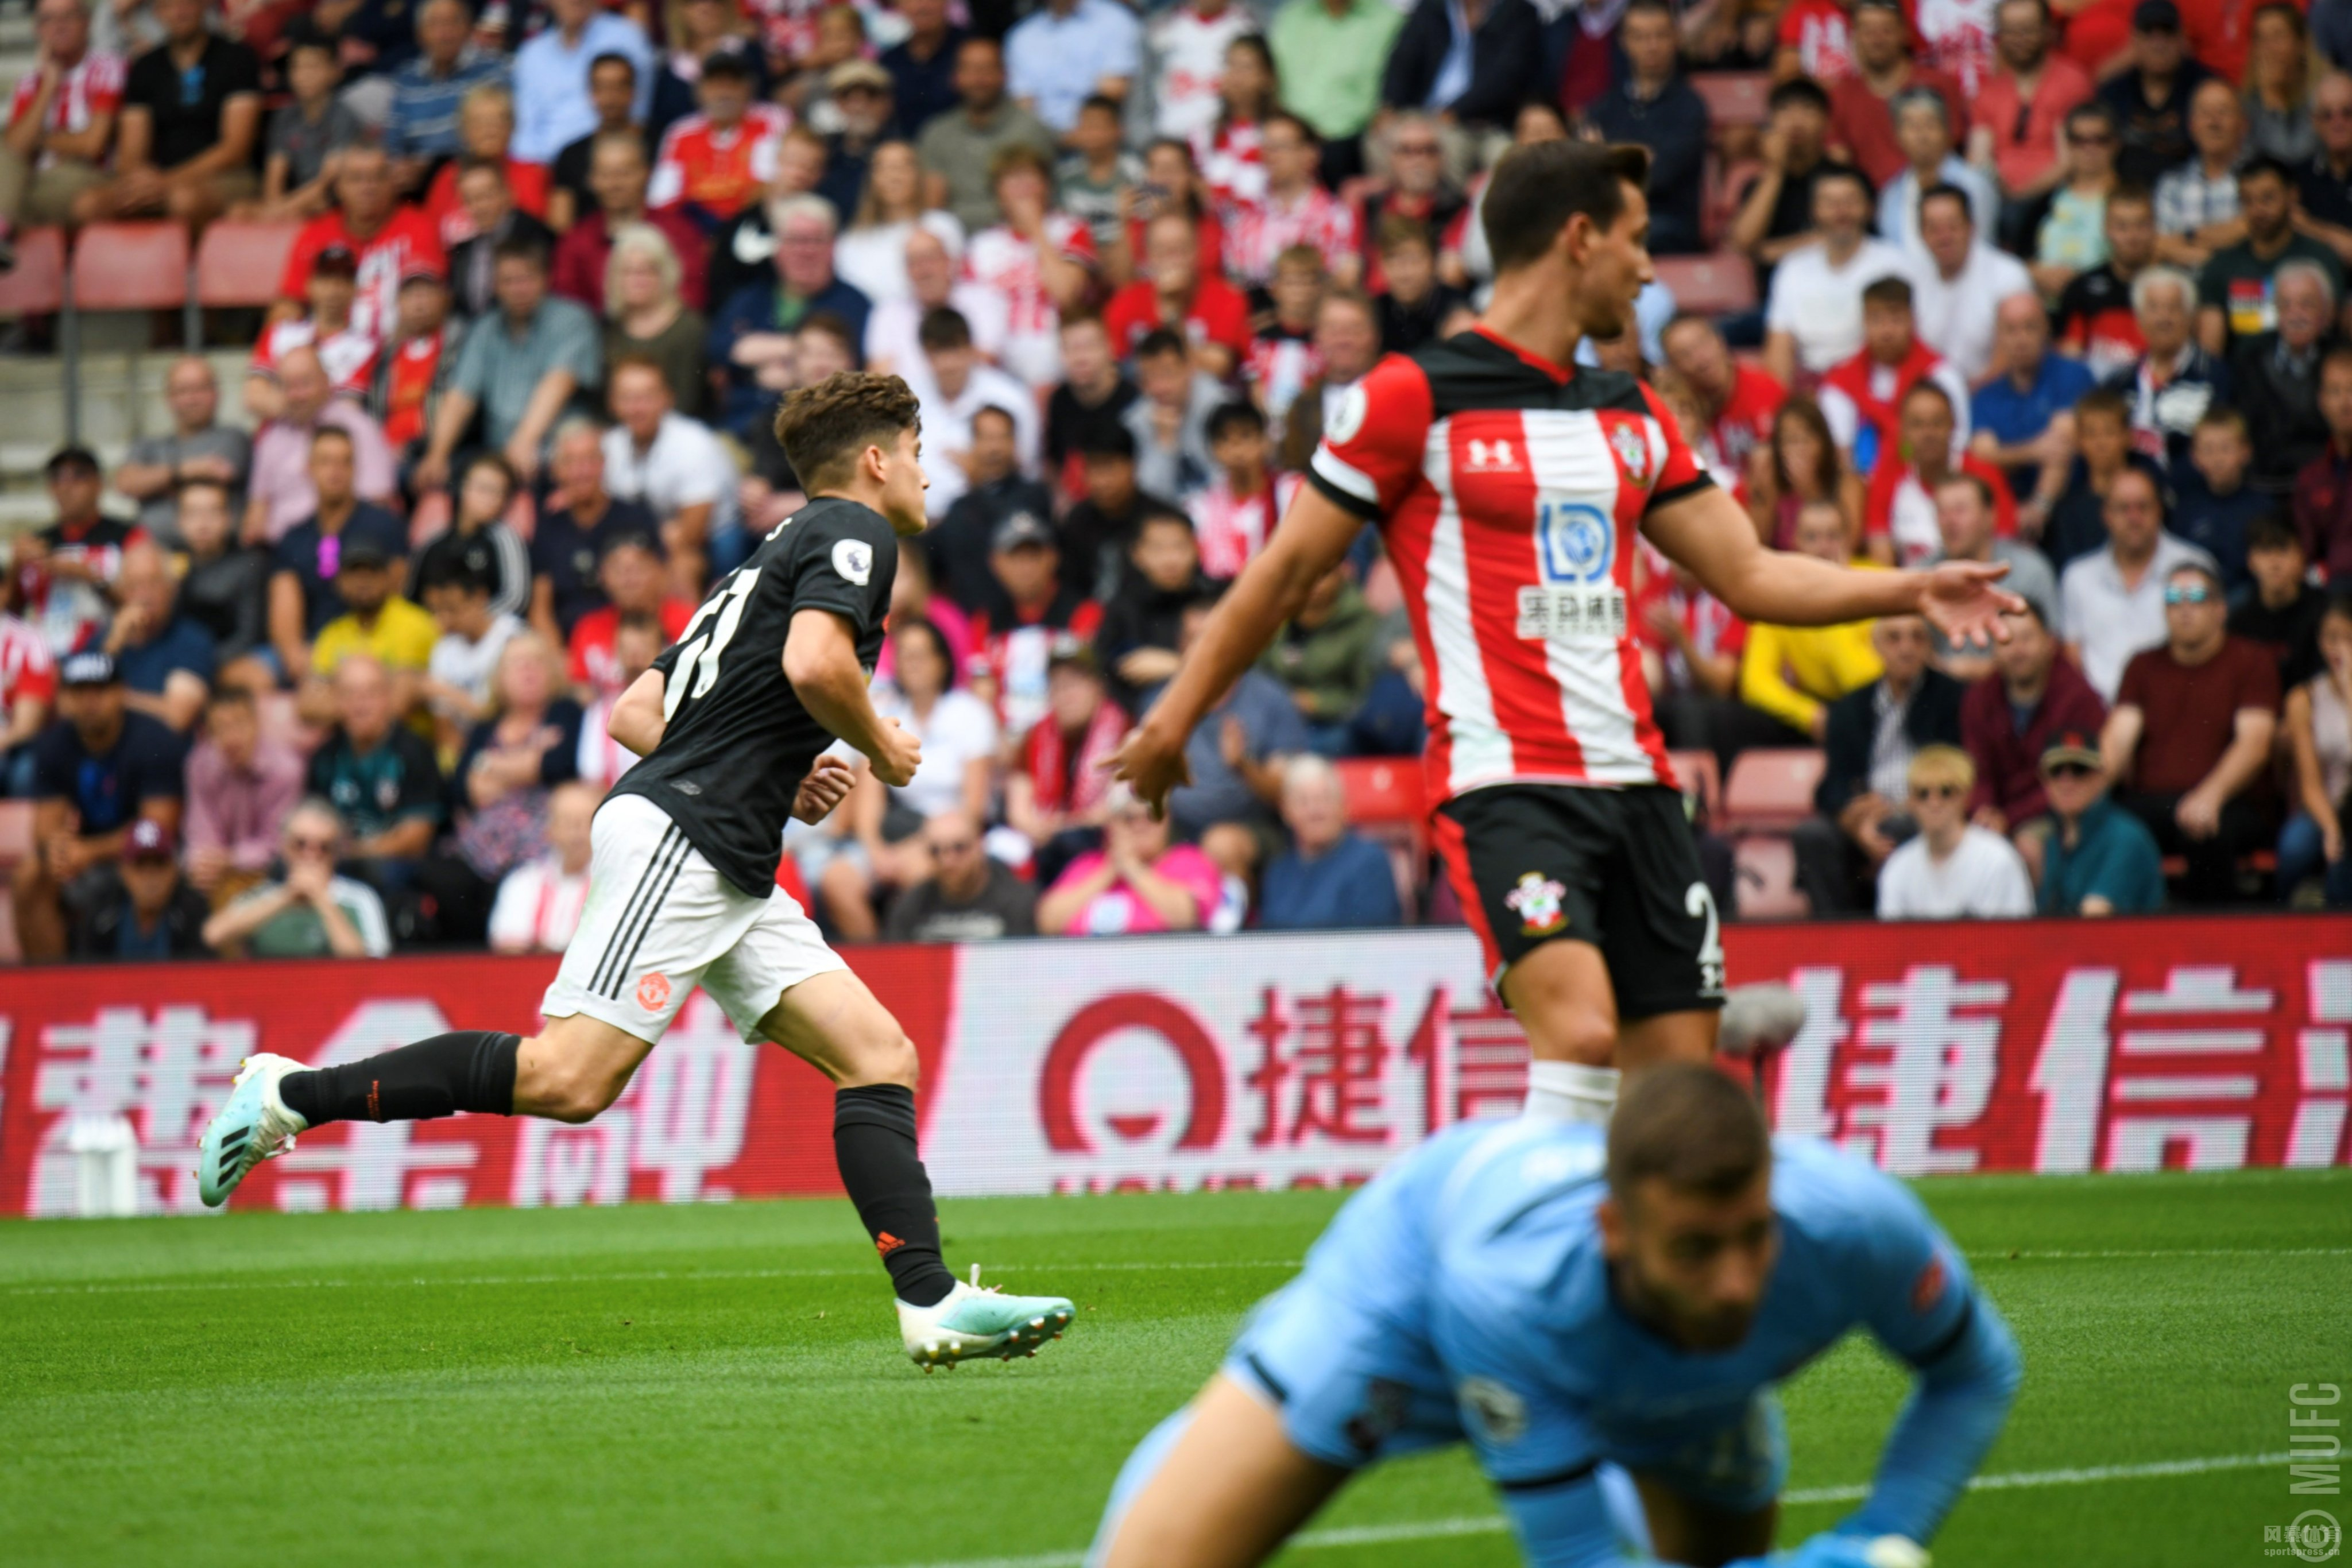 北京时间8月31日19:30,英超联赛第4轮一场比赛在圣玛丽球场进行,南安普敦主场对阵曼联。上半场曼联顶过圣徒开场的疯狂逼抢后,小将詹姆斯劲射破门。下半场韦斯特高头球扳平比分,丹索累积两黄被罚出场。最终曼联客场1-1战平南安普敦连续三轮未能赢球。